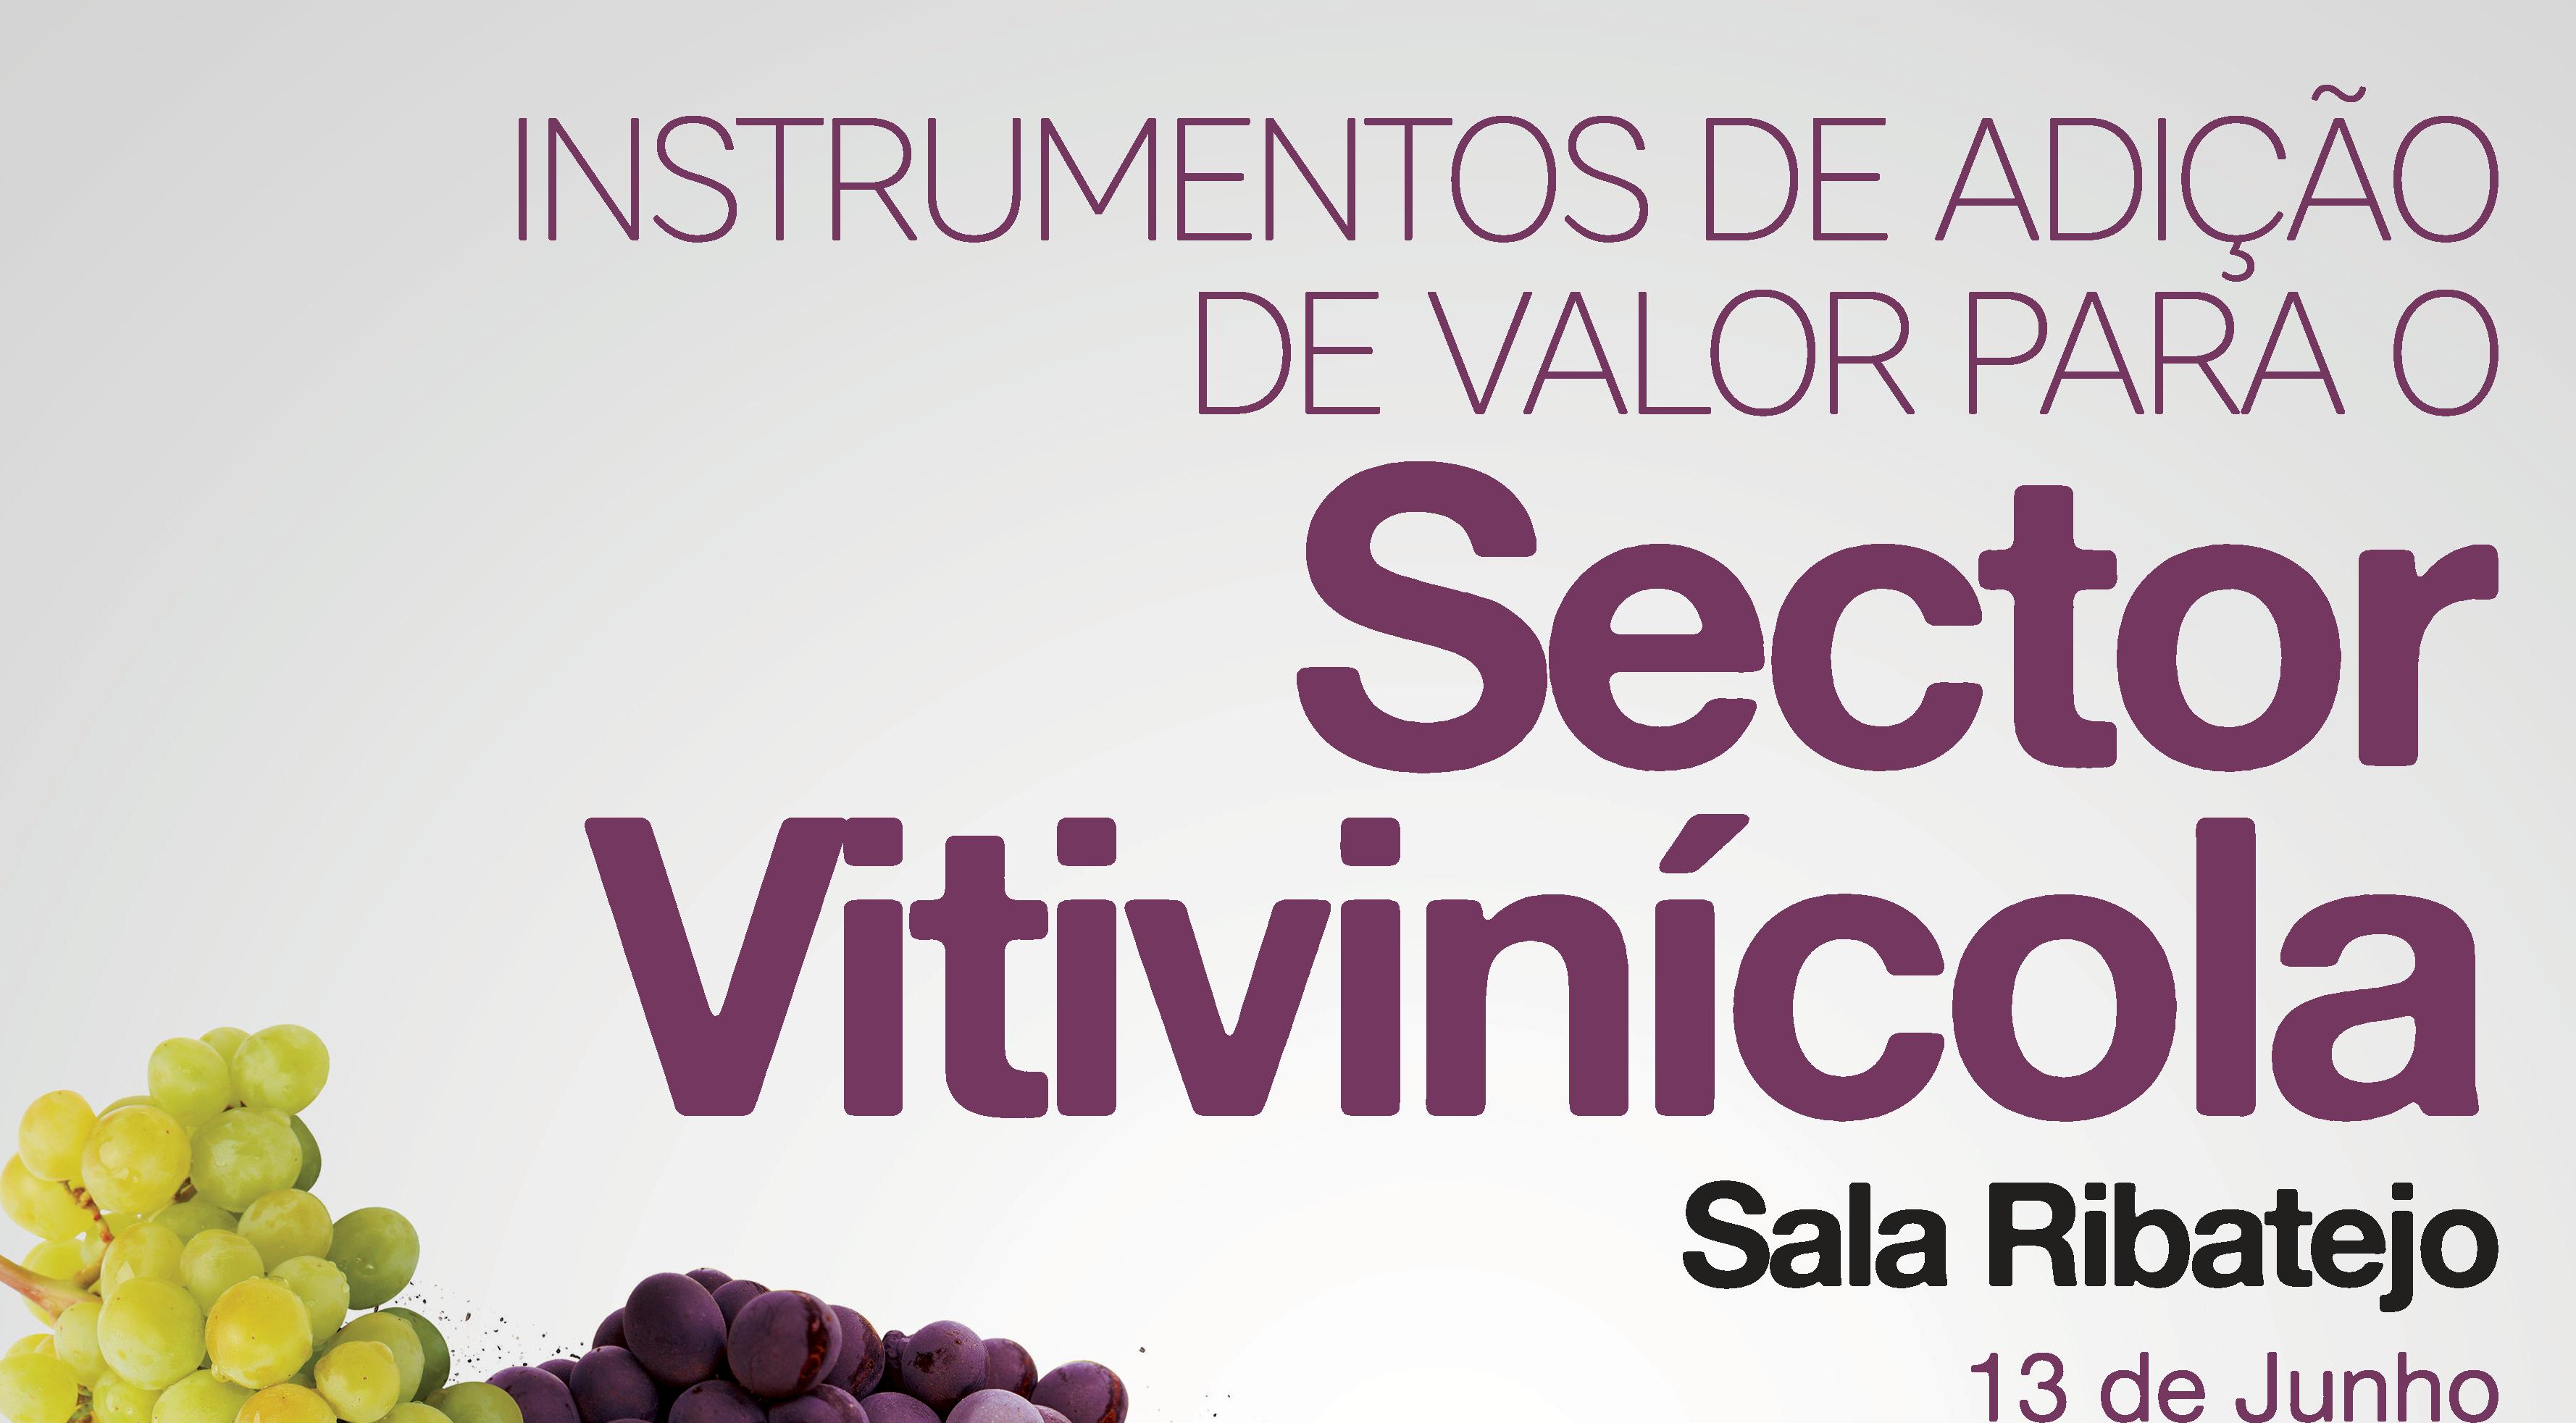 057352881 IVV // Notícias